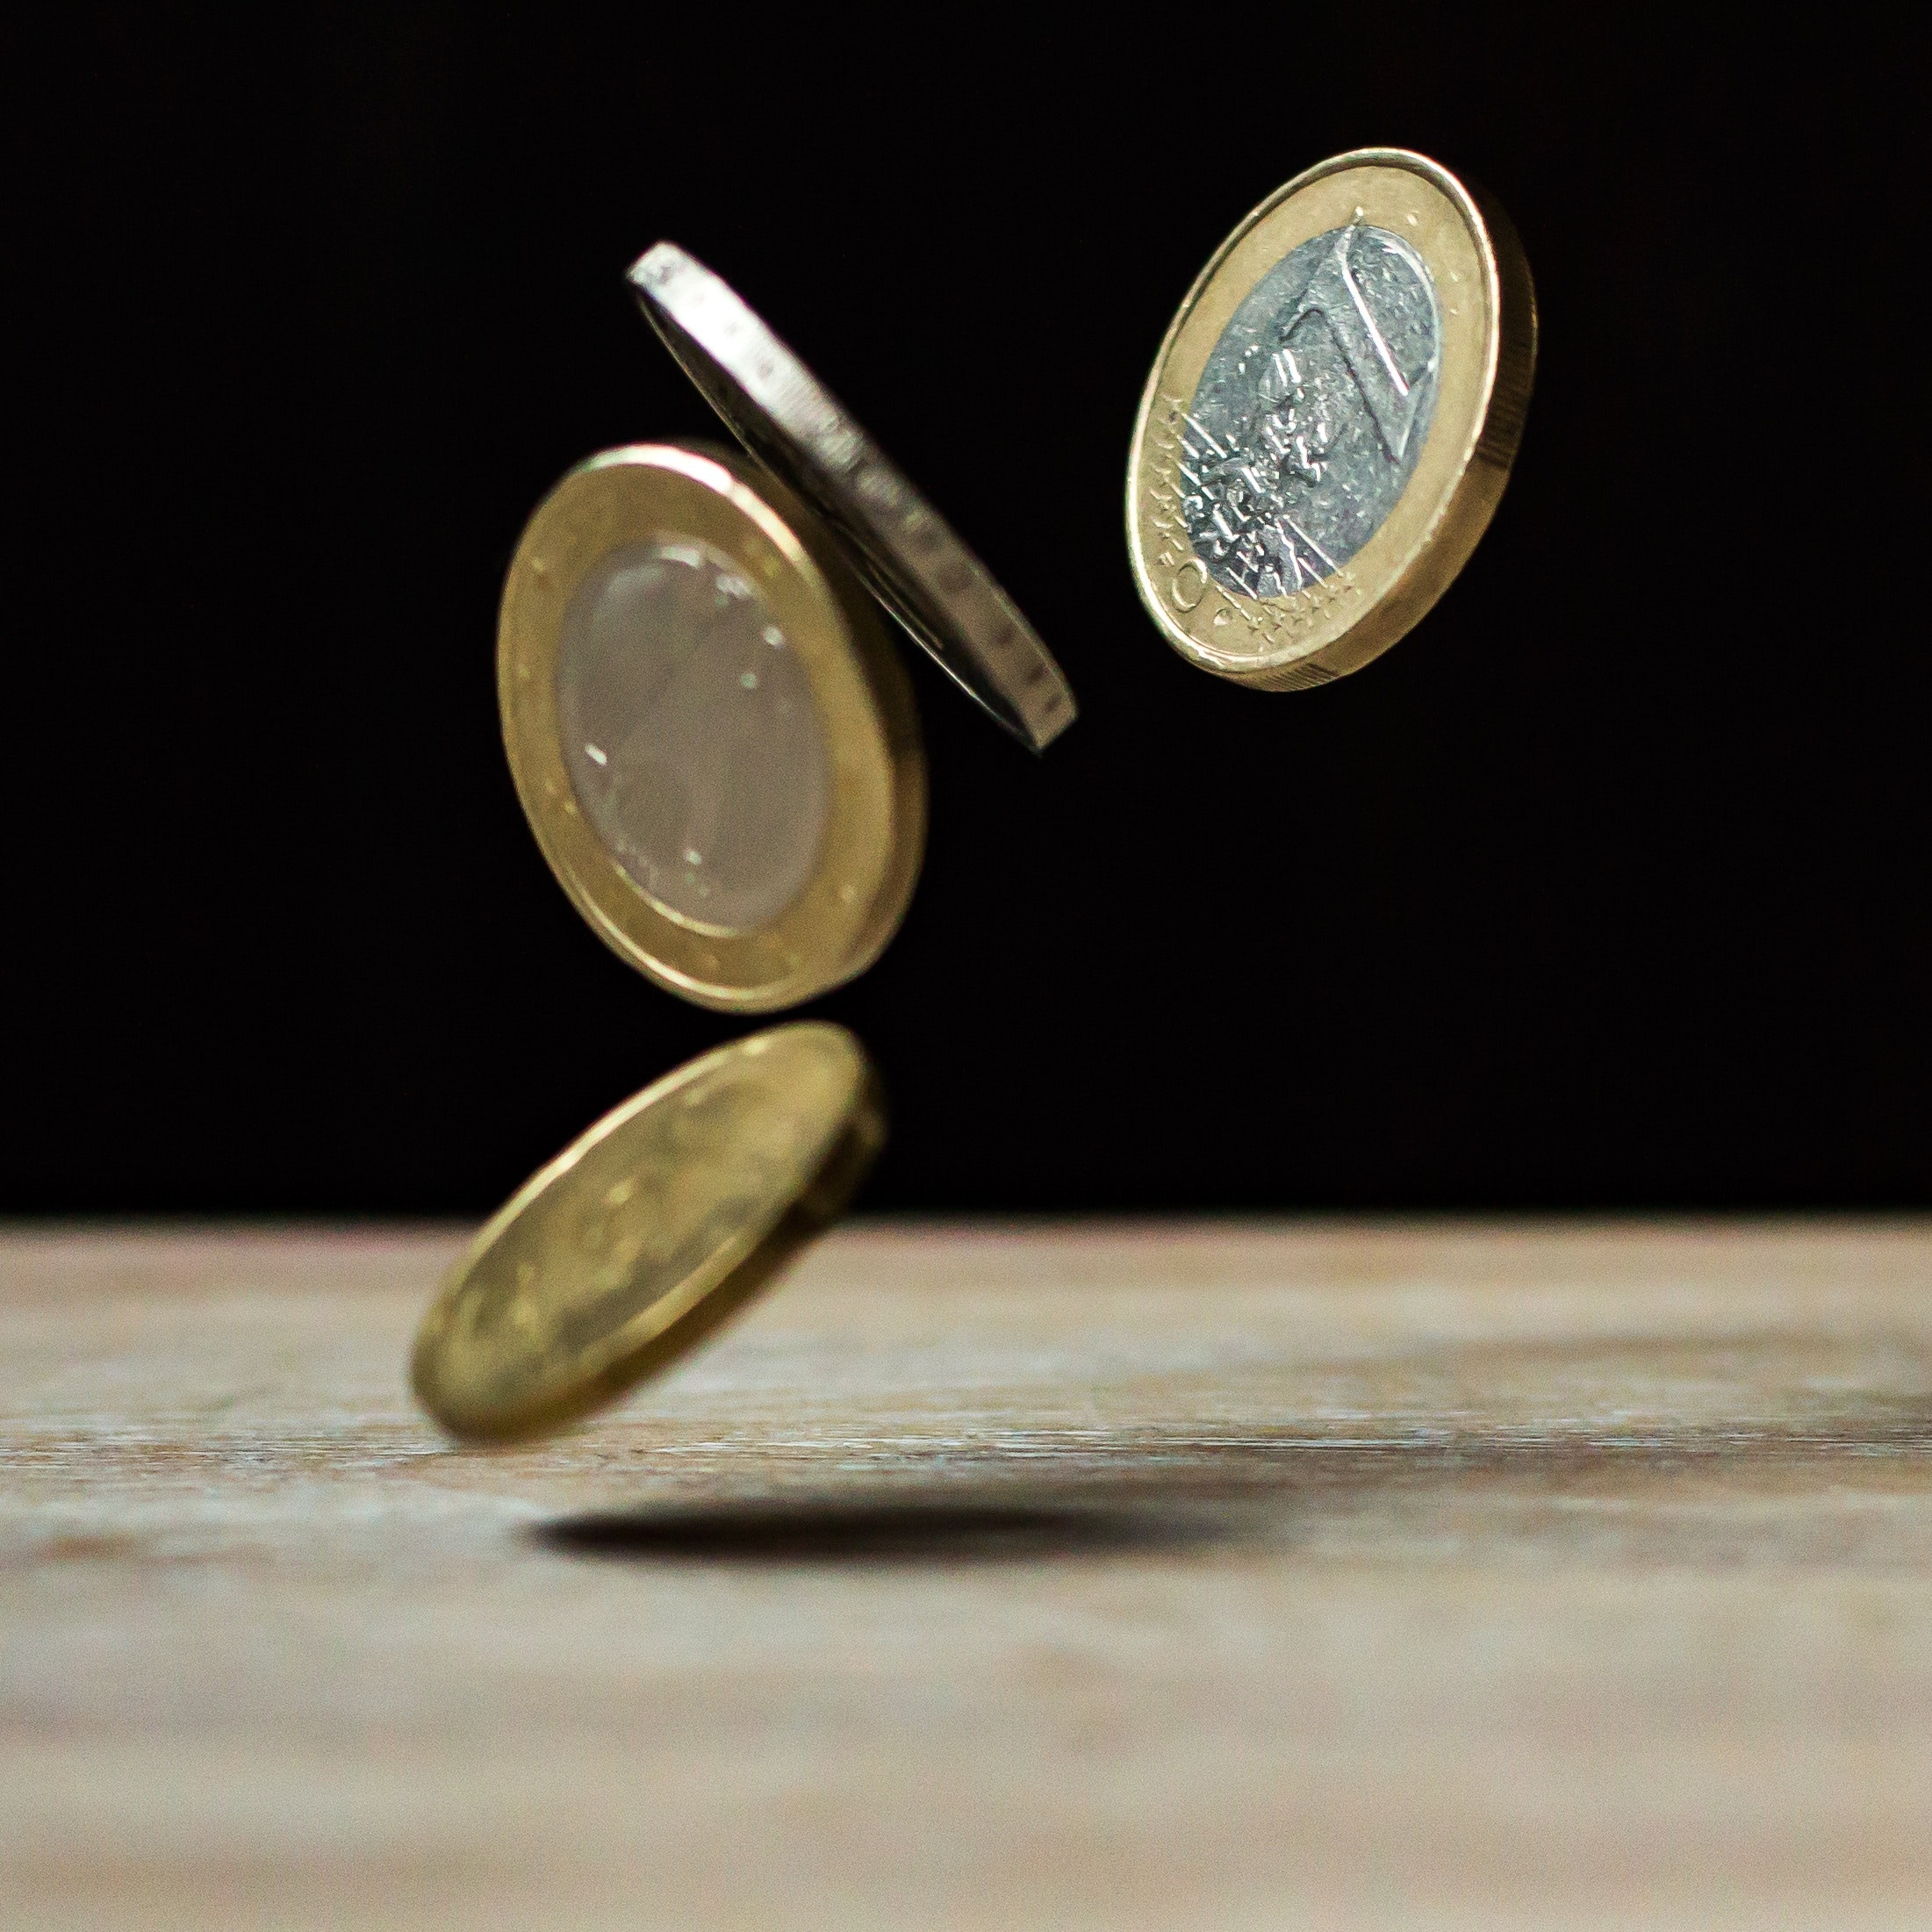 Geld-inkomsten-euros-omzet-greenport-duin-en-bollenstreek